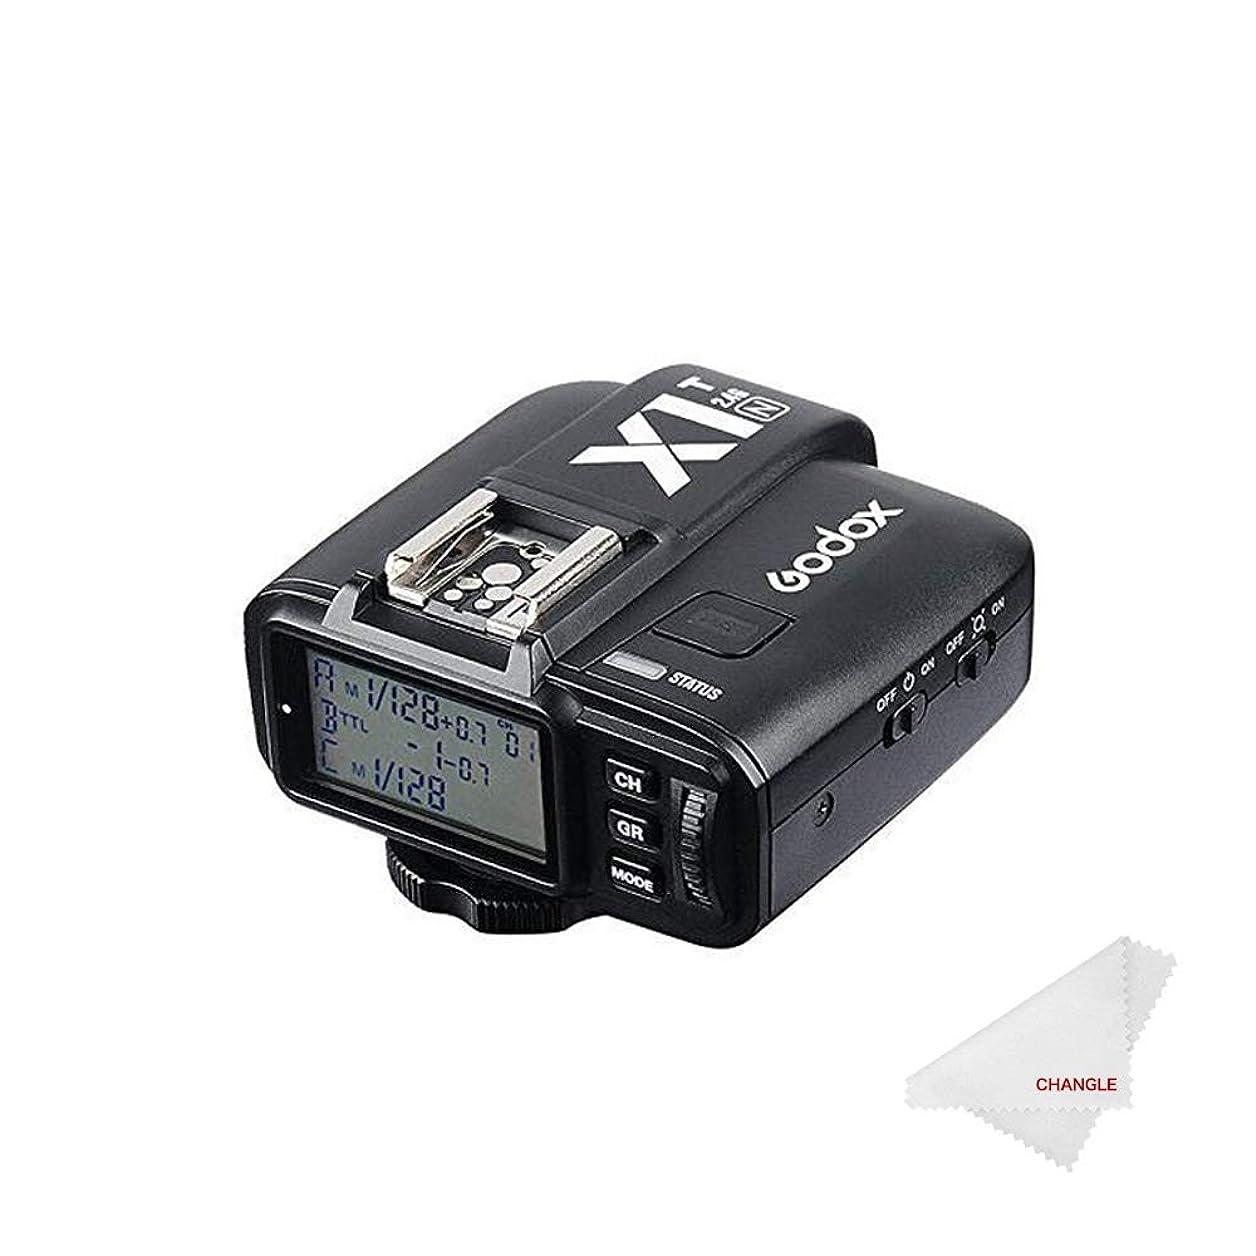 花瓶考古学者限りなく【Changle】Godox X1T-C TTL Wireless Remote Flash Trigger for Canon ワイヤレスカメラリモコントリガー キャノン対応 無線遠隔制御フラッシュトランスミッタ